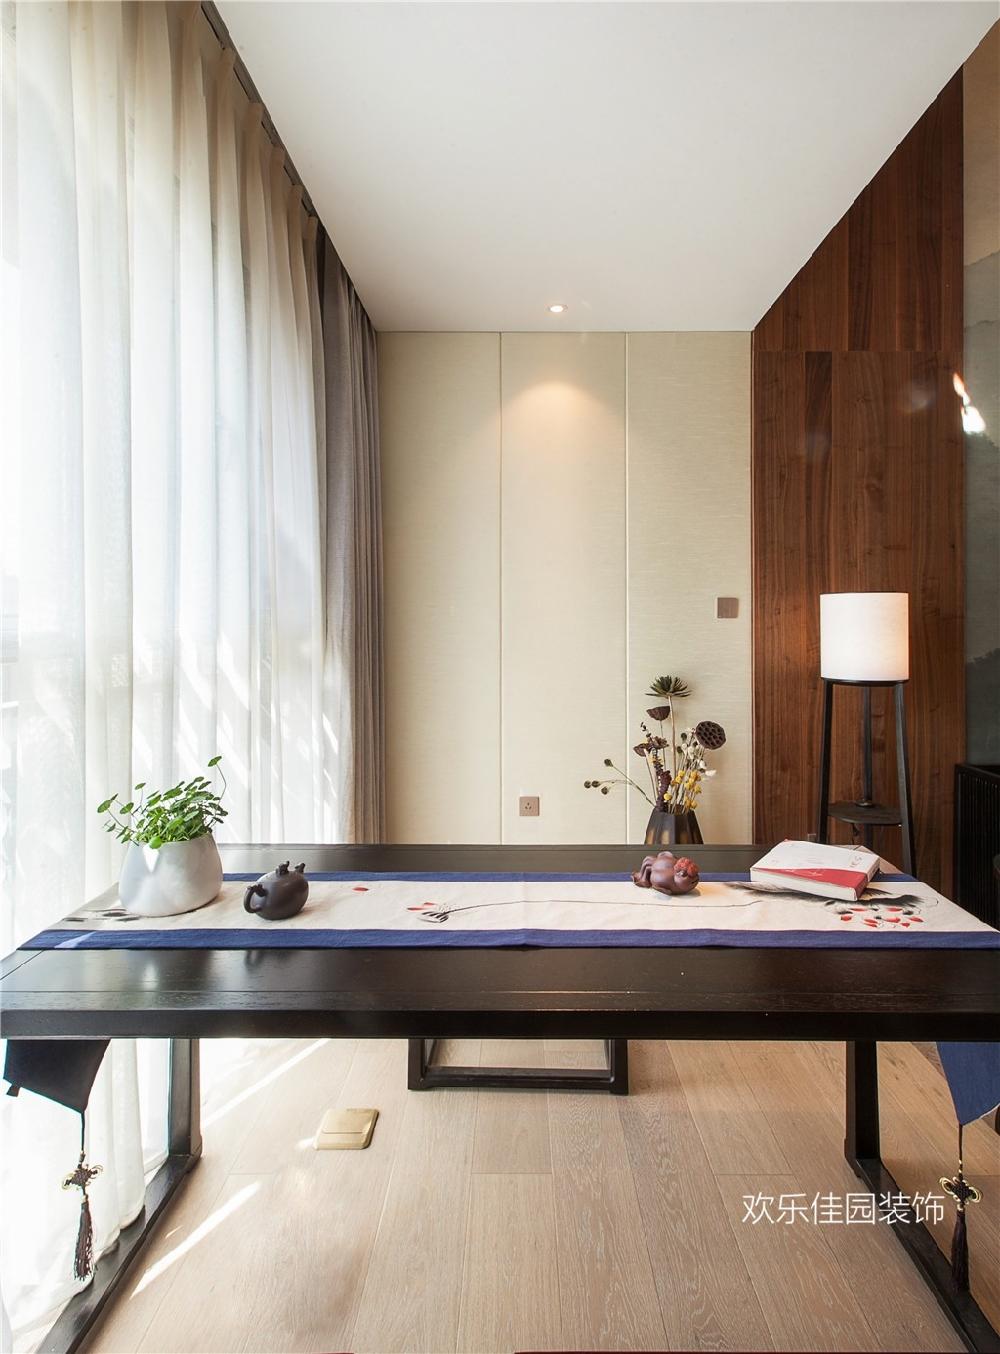 阁楼改复式,大空间新中式的精妙韵味15024514